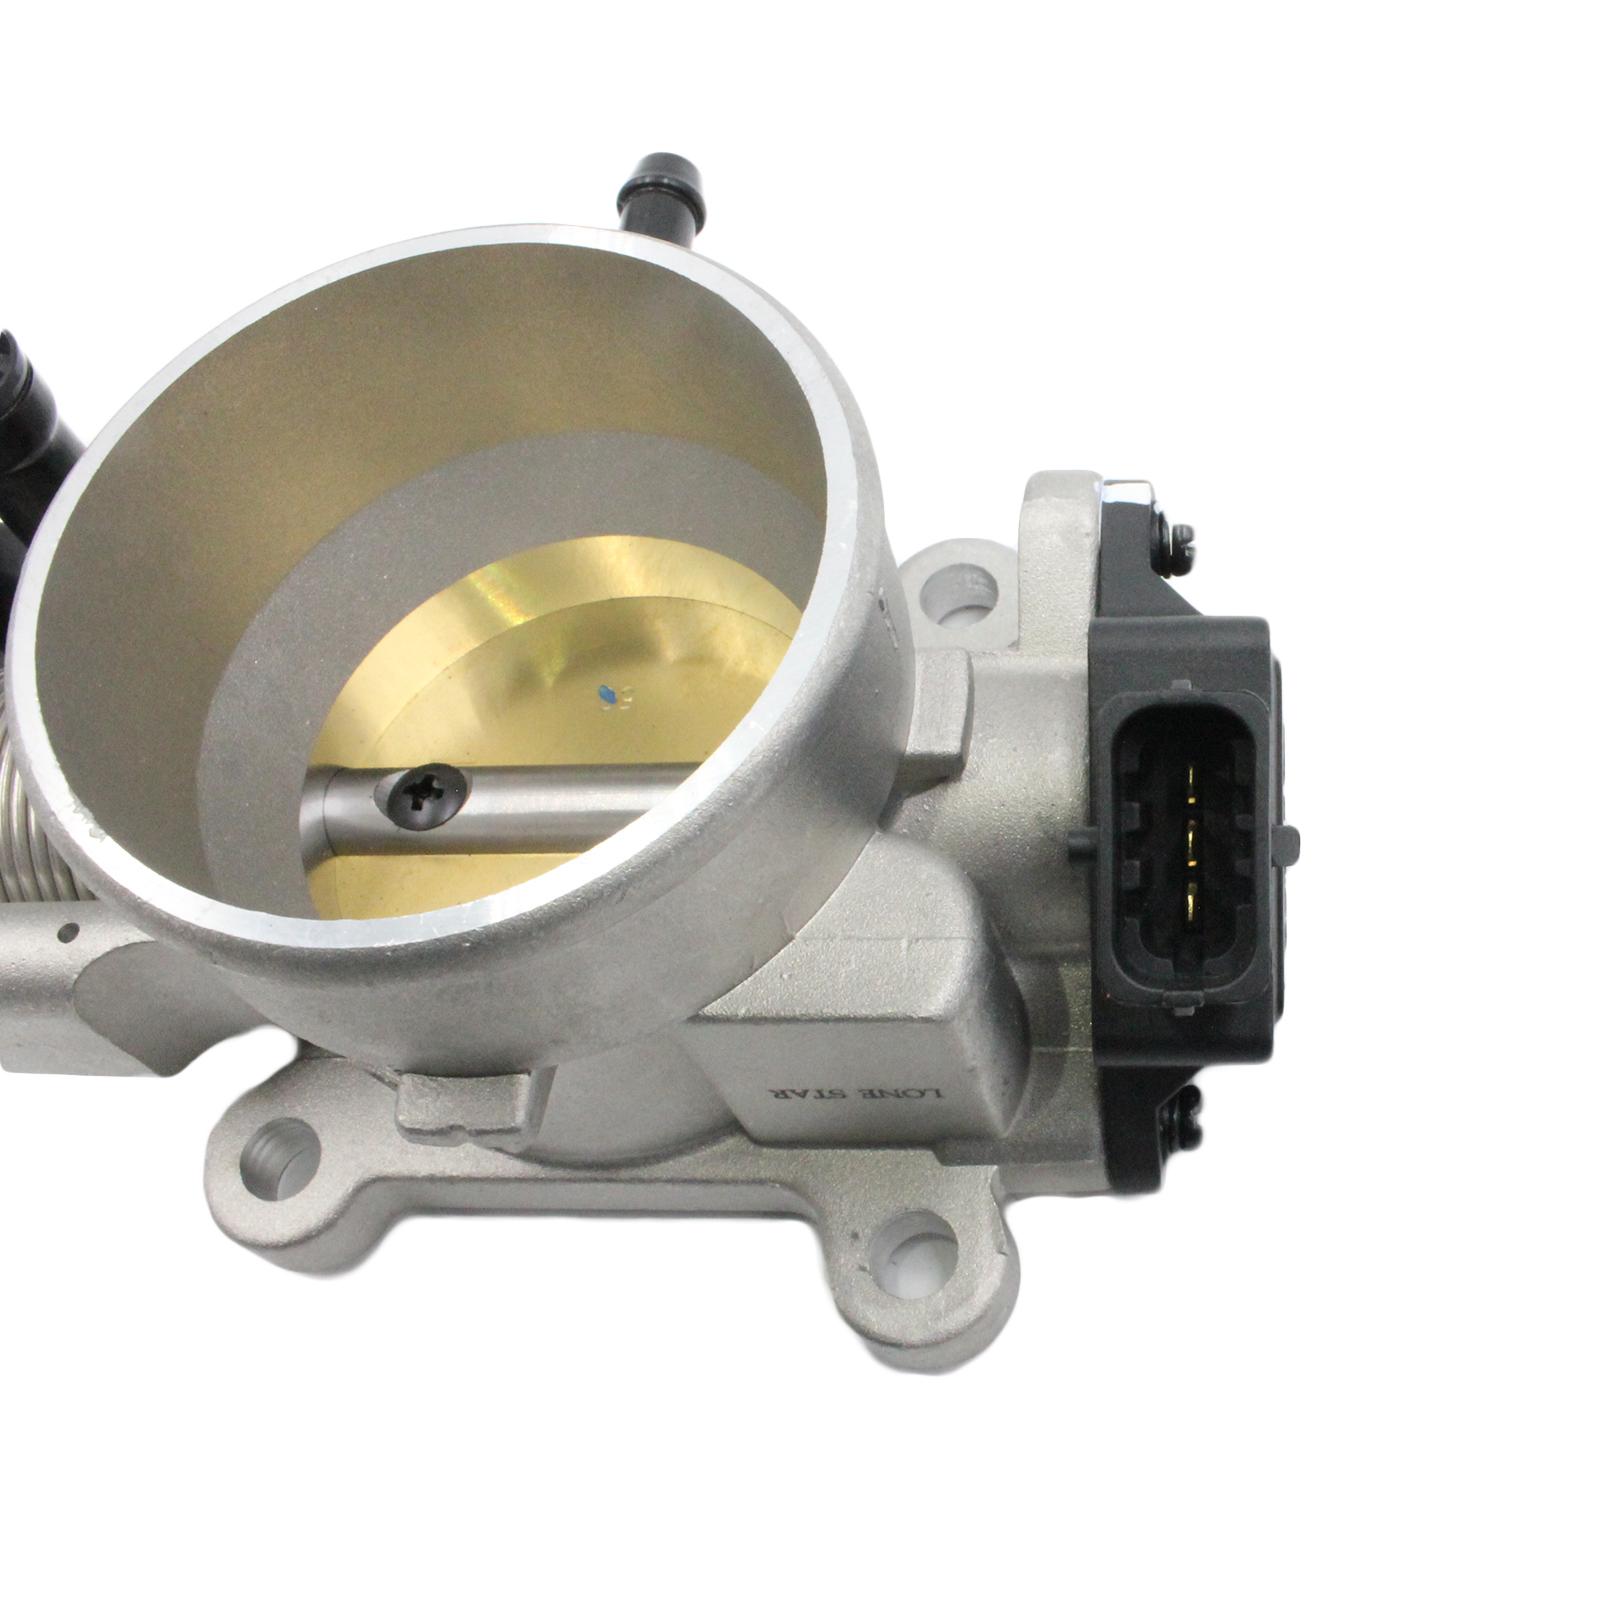 Throttle Body For Hyundai Elantra 2.0L 2002-2003 35100-23500 3510023500